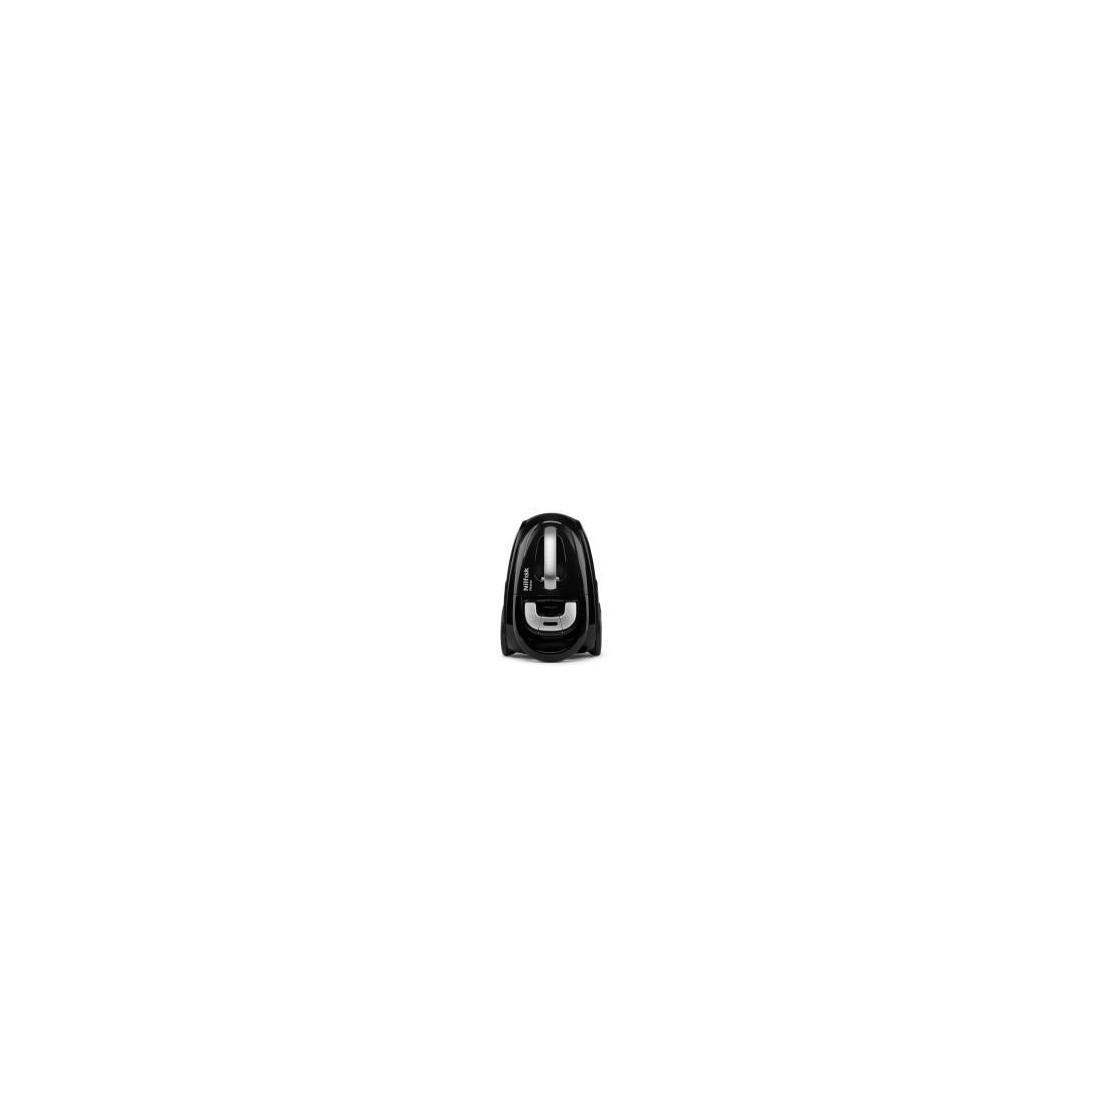 ASPIRADOR NILFISK METEOR BLACK 128390135